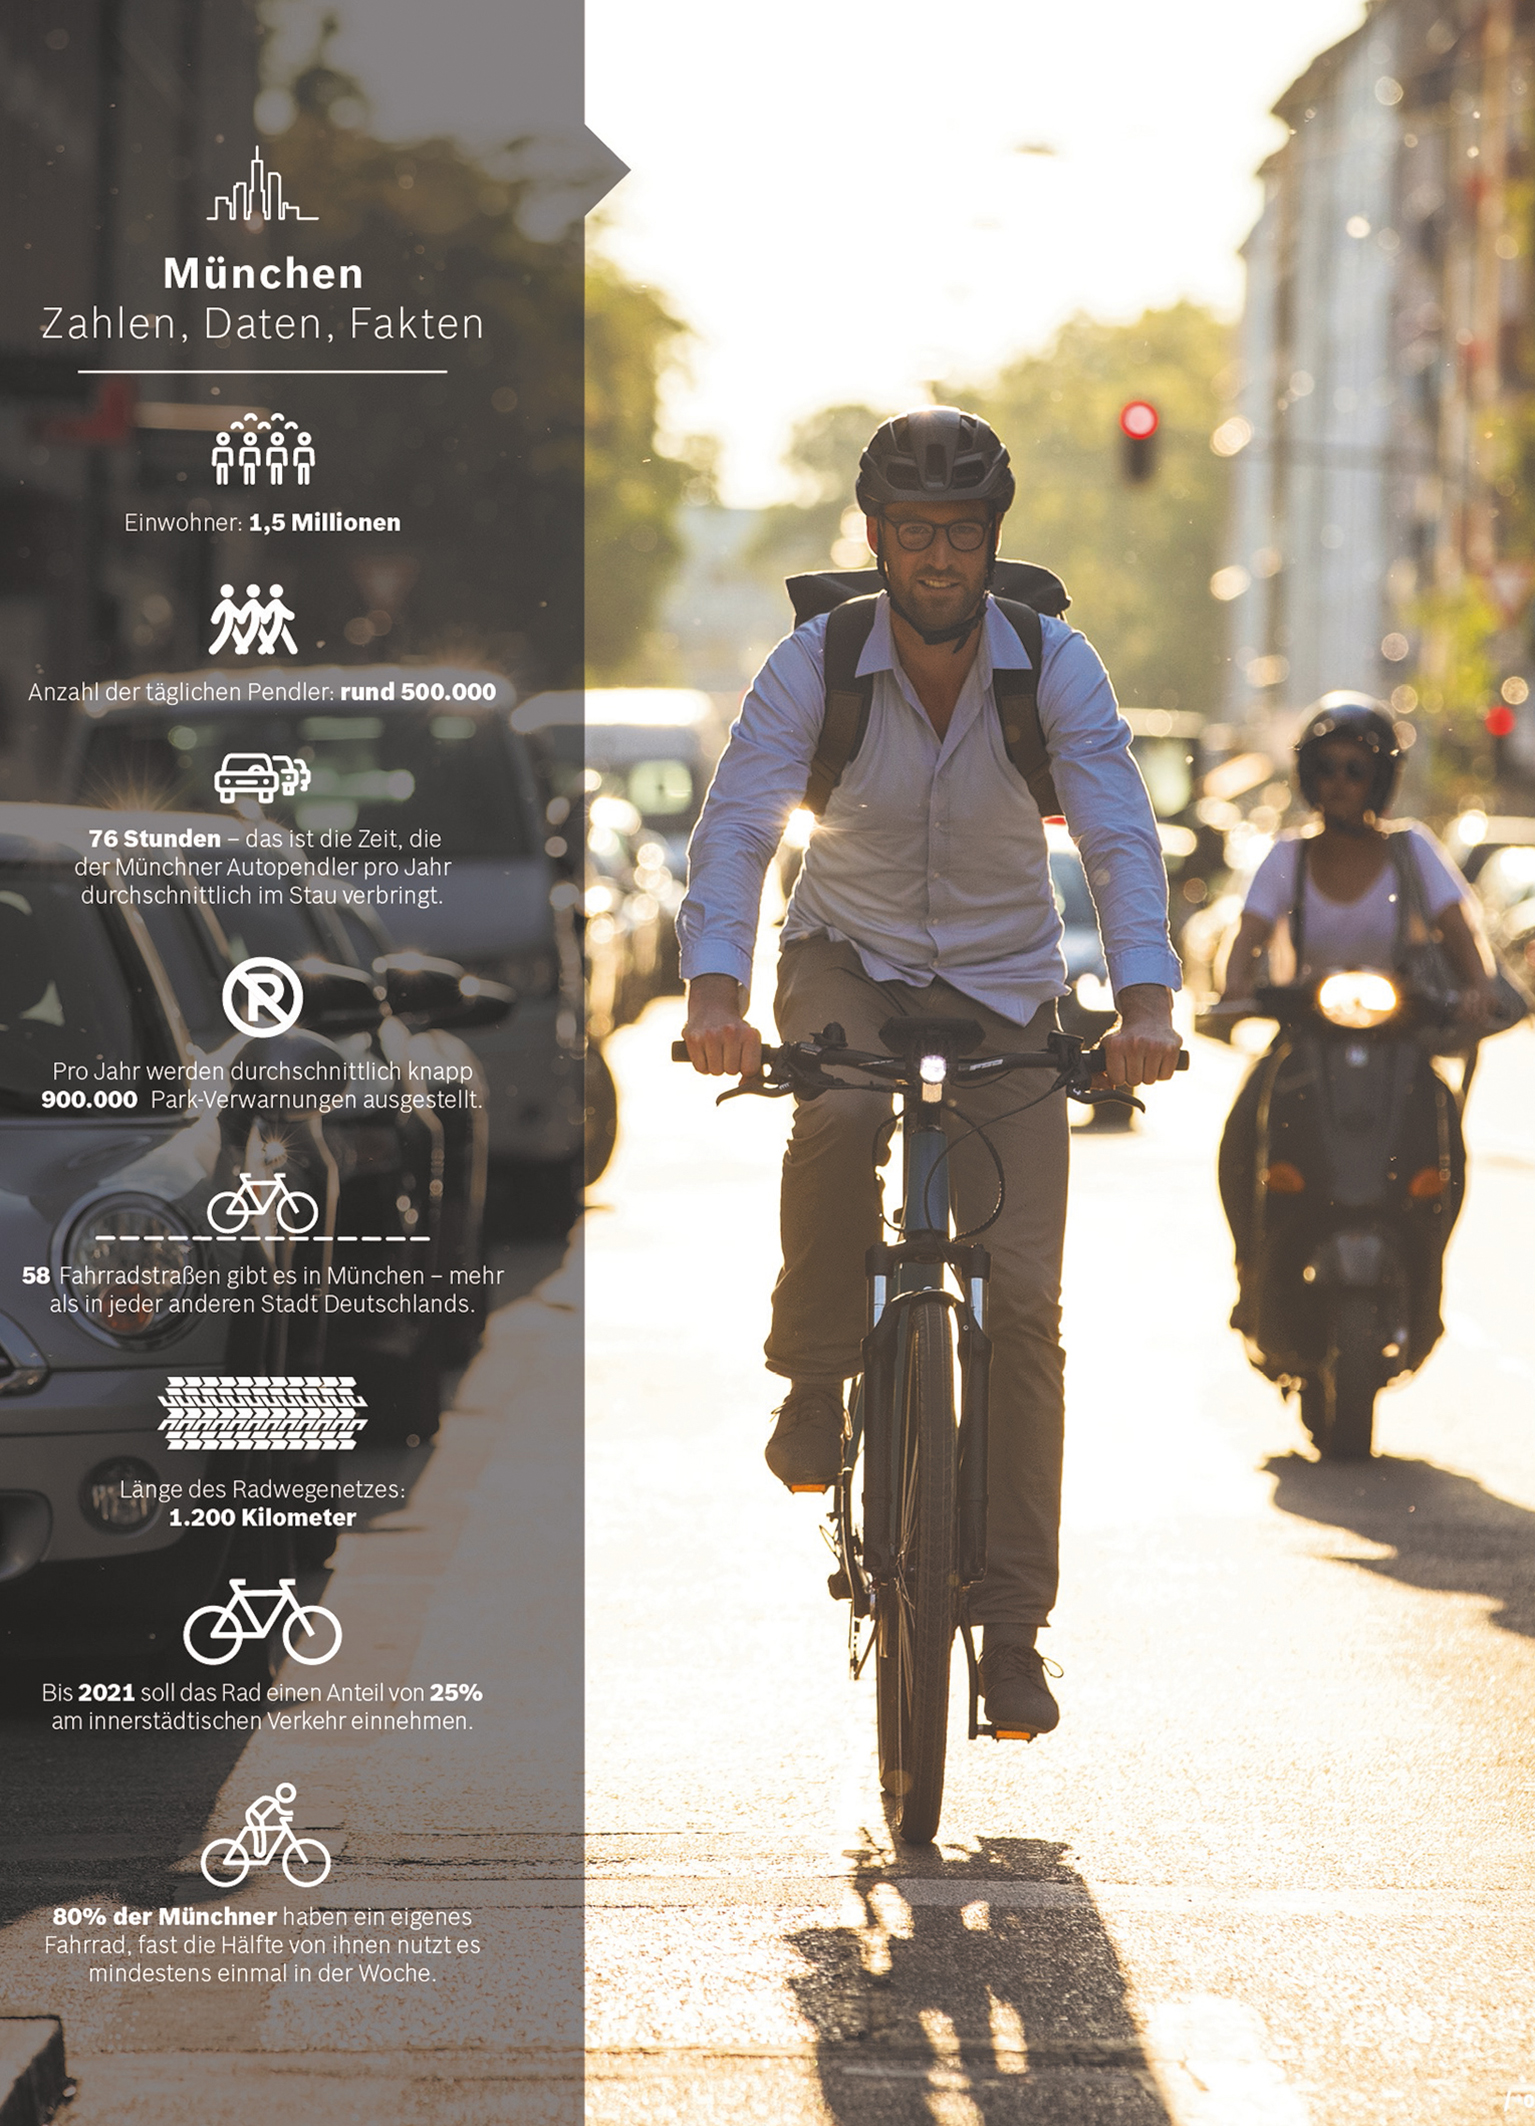 Radfahrspaß in der Stadt: Metropolen wie München haben die Vorzüge von Elektromobilität bereits erkannt und fördern diese aktiv.